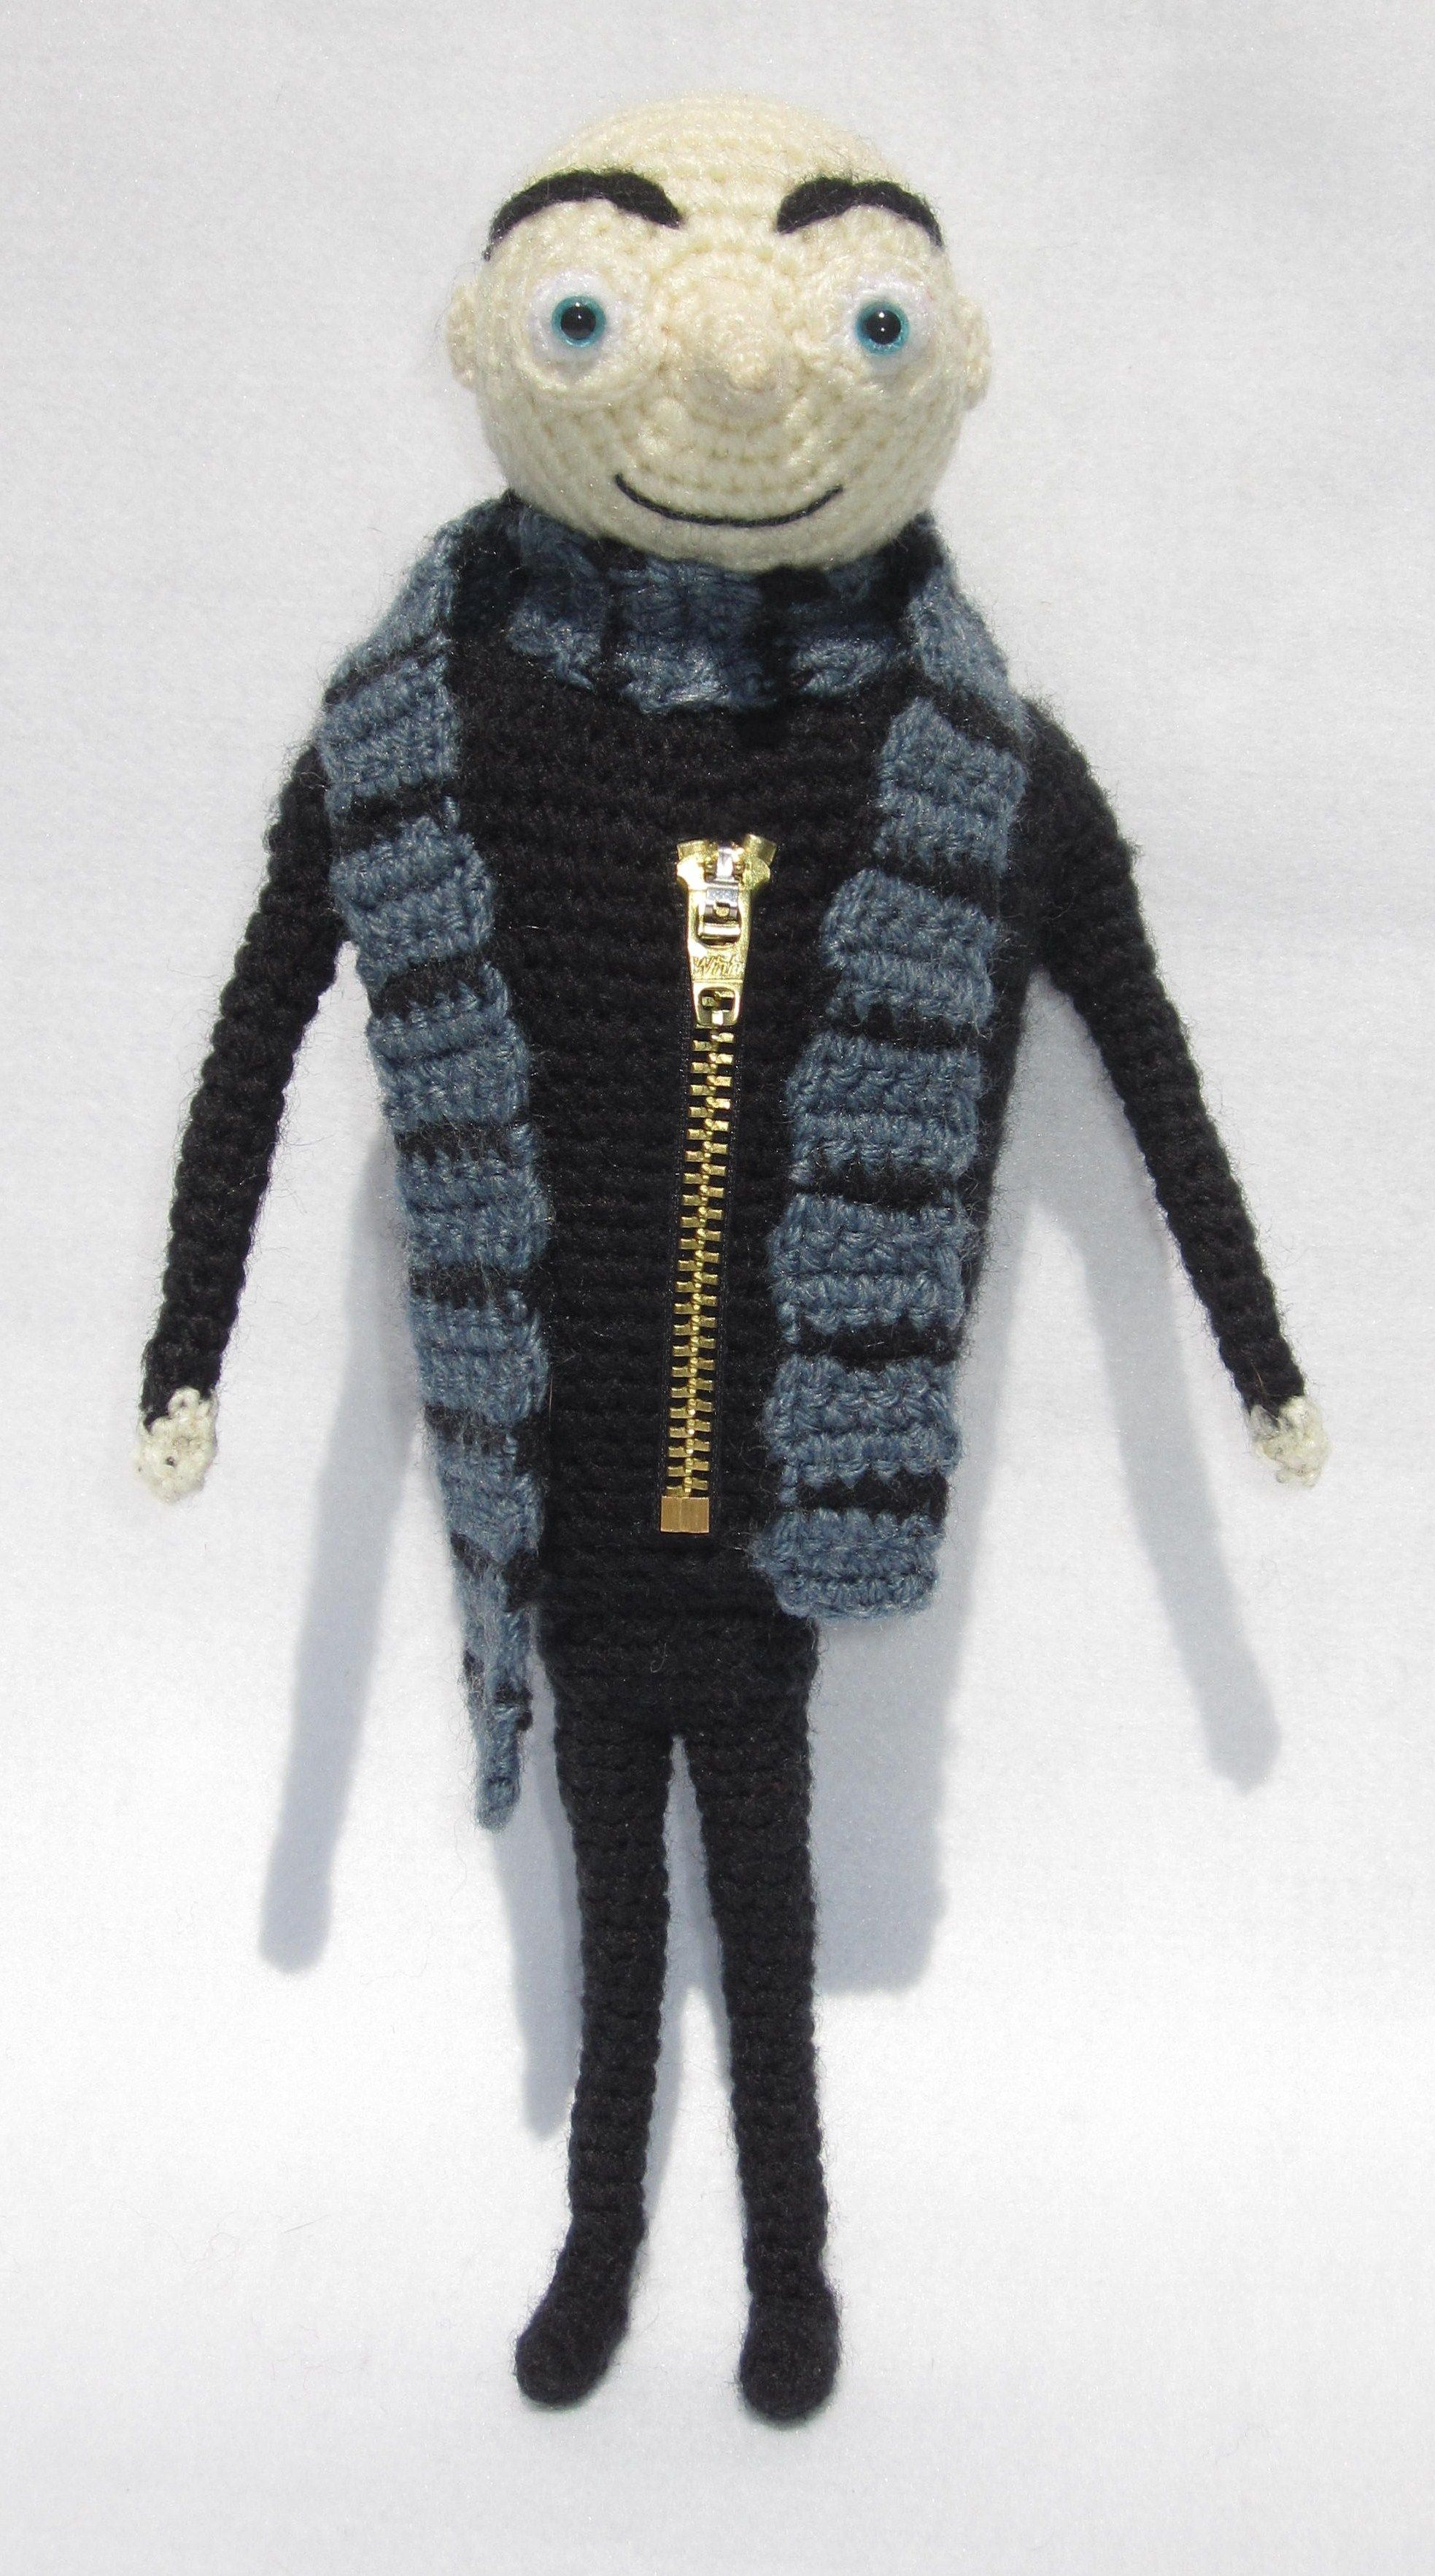 Crochet Gru - Despicable Me | Knitting | Pinterest | Häkeln ...